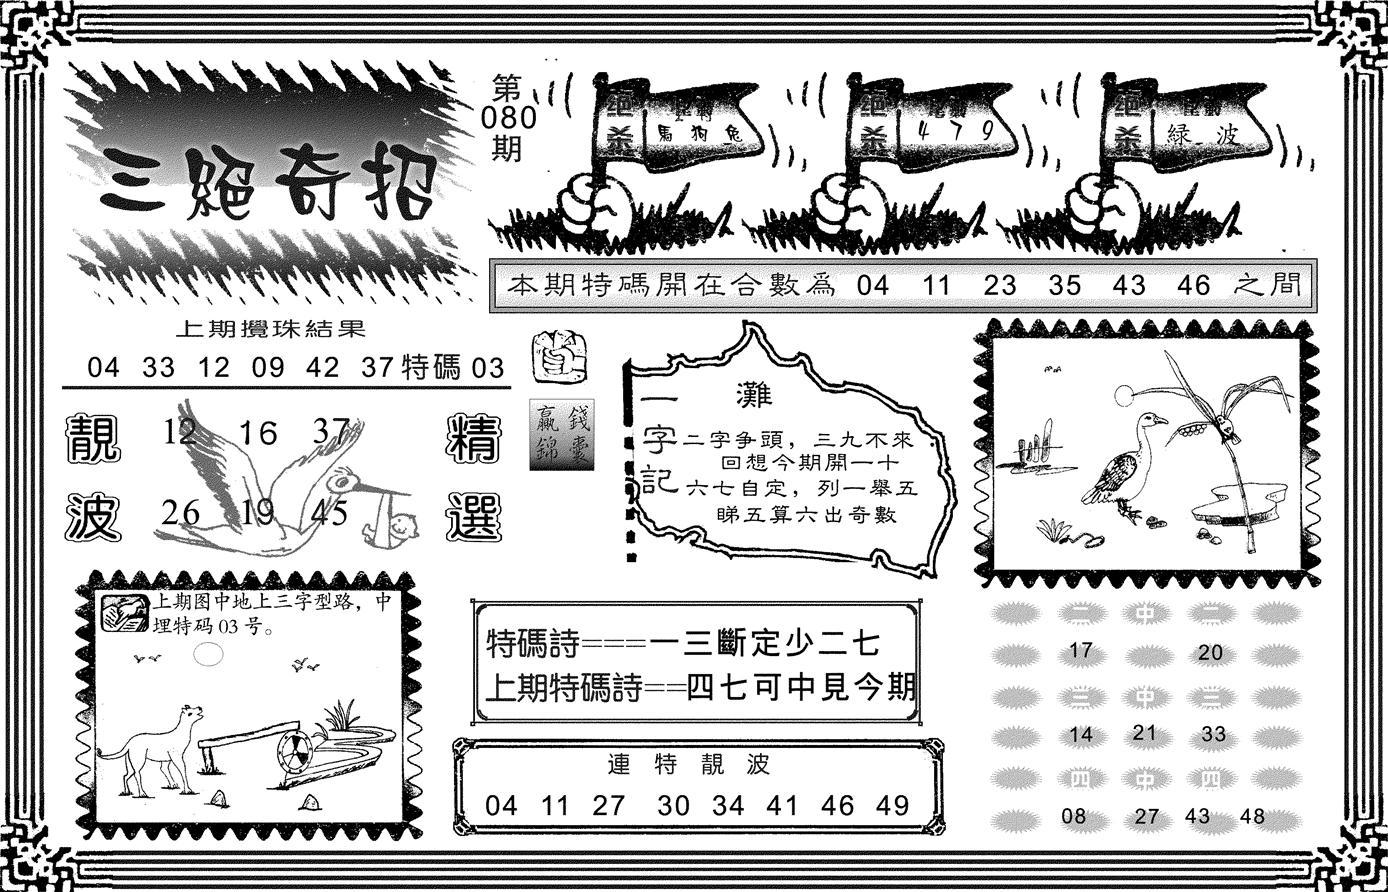 080期三绝奇招(黑白)